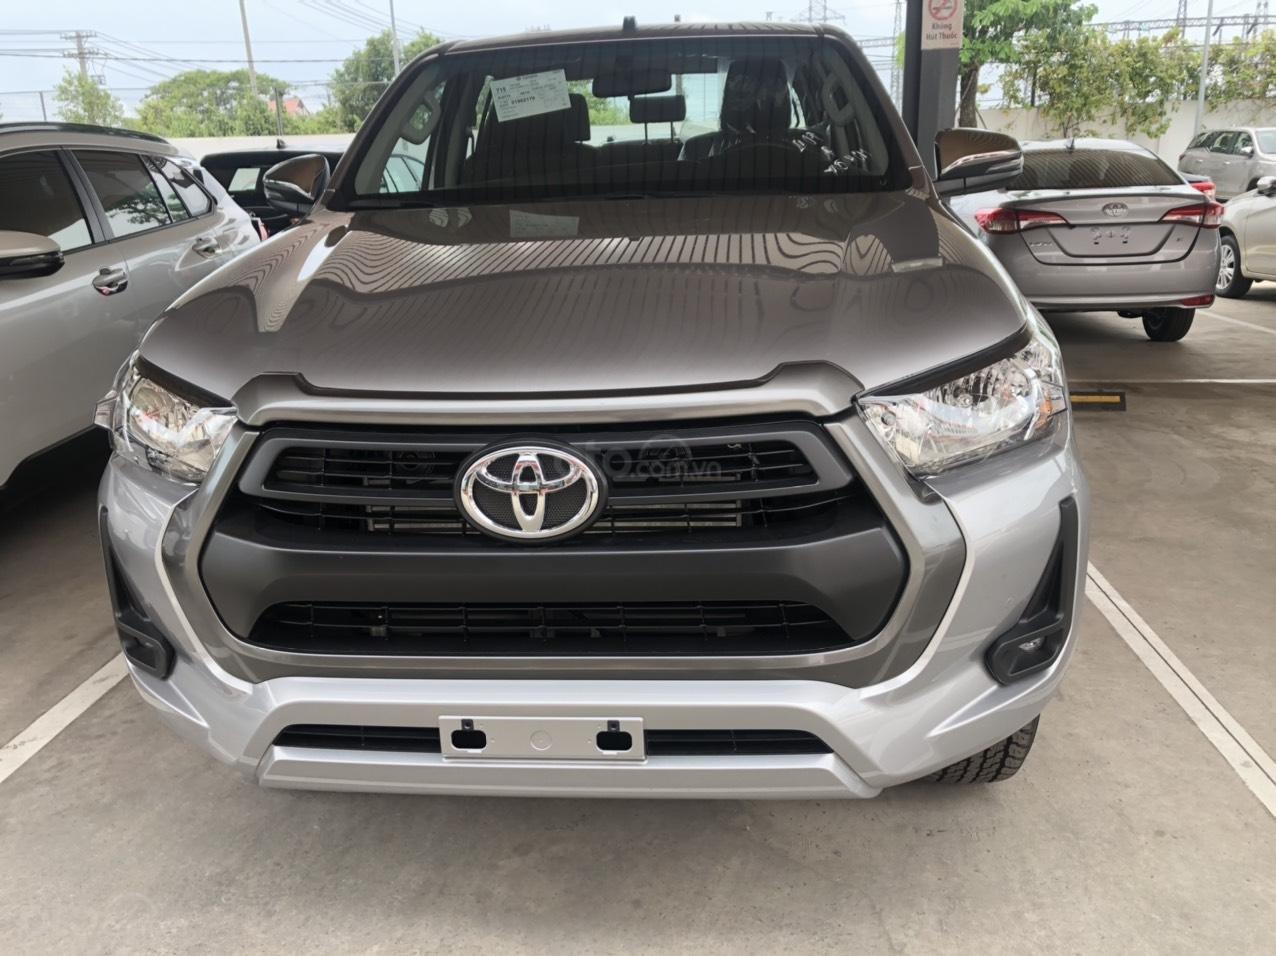 Bán Toyota Hilux số sàn 2.4 mẫu 2021, giao xe ngay- Khuyến mãi giảm tiền mặt (1)